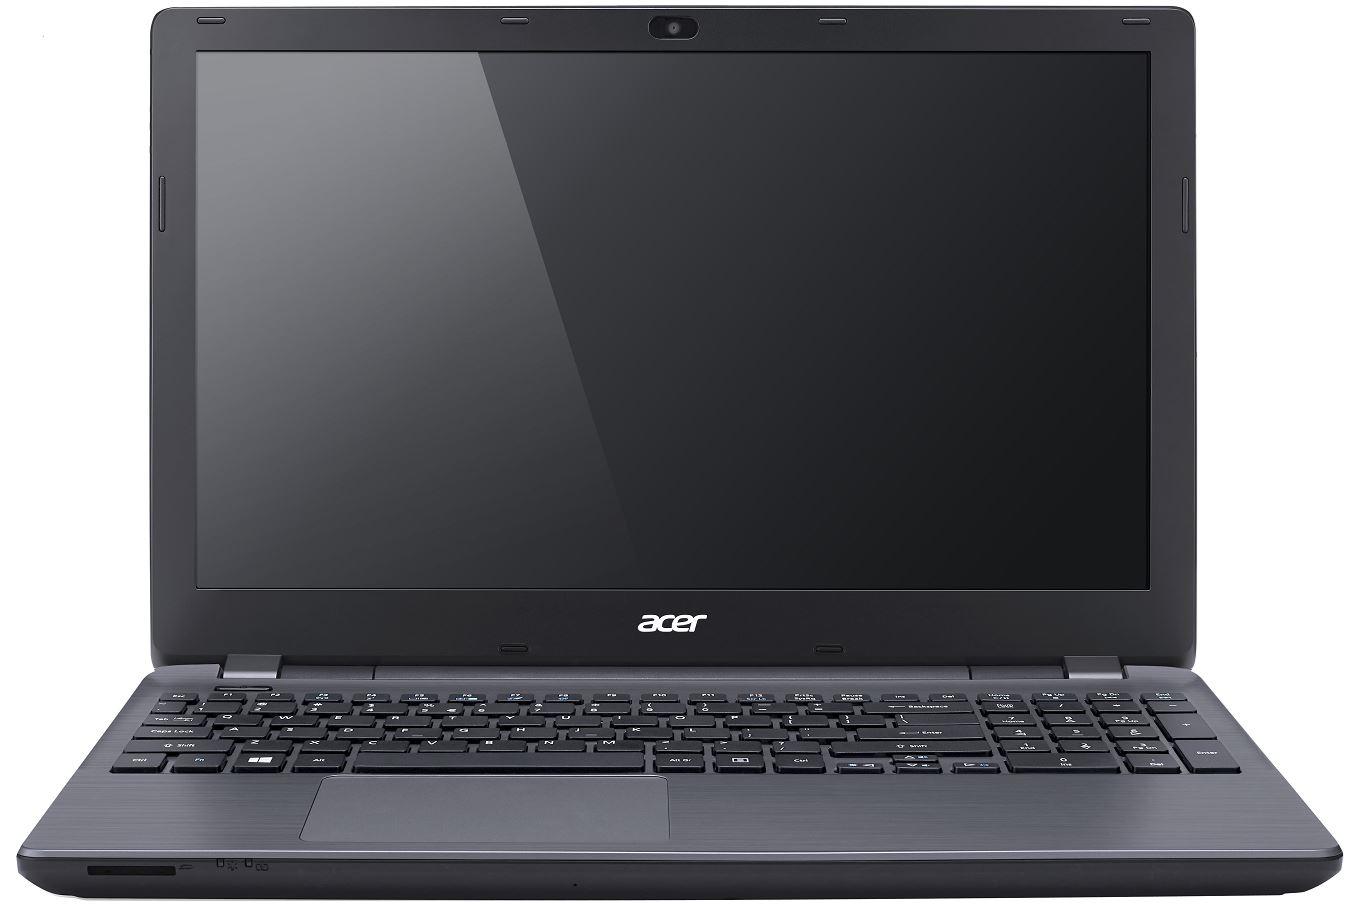 Acer Aspire E5-511 Realtek LAN Treiber Windows 10